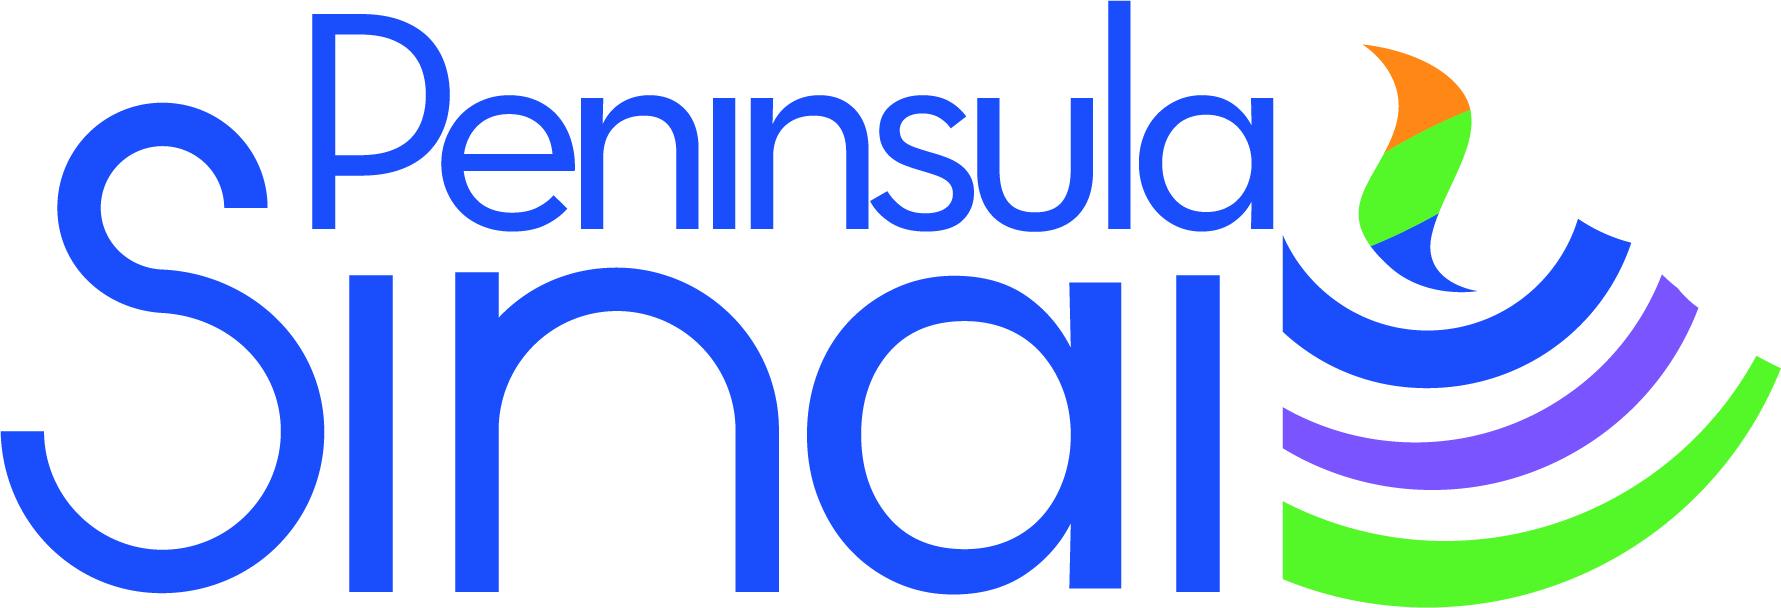 Peninsula_Sinai_logo